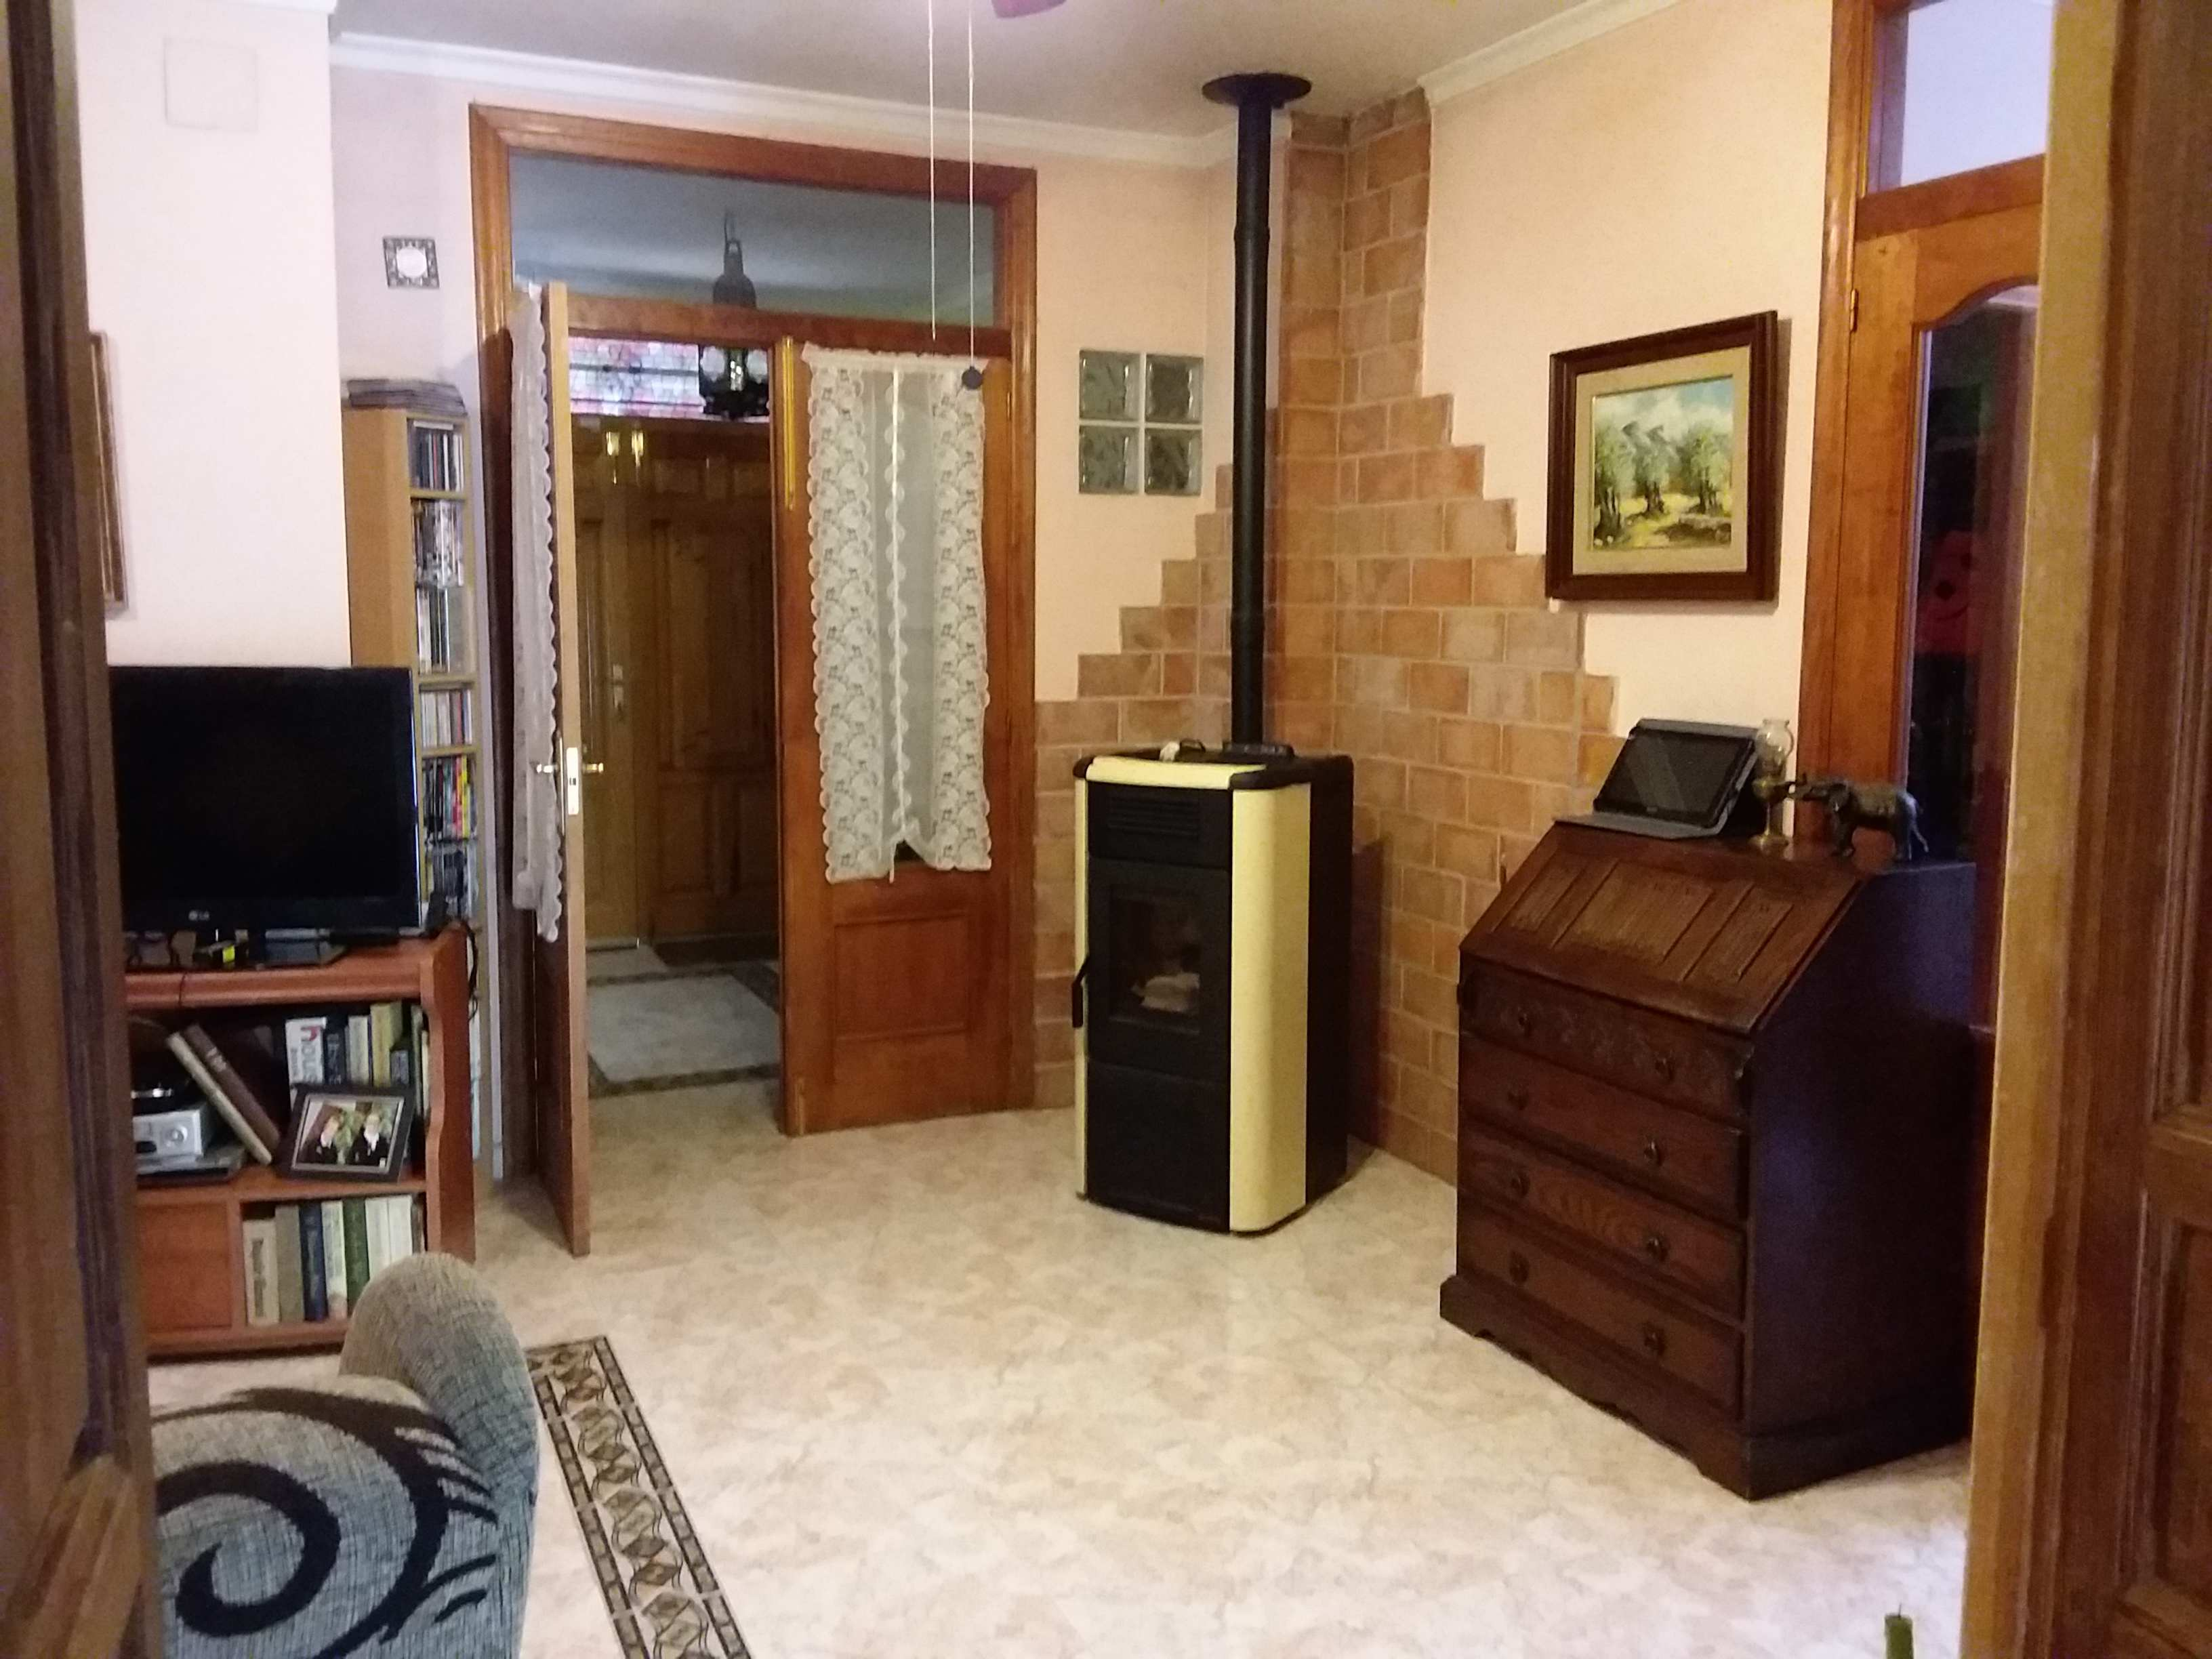 Galerie de photos - 5 - Olea-Home   Real Estate en Orba y Teulada-Moraira  